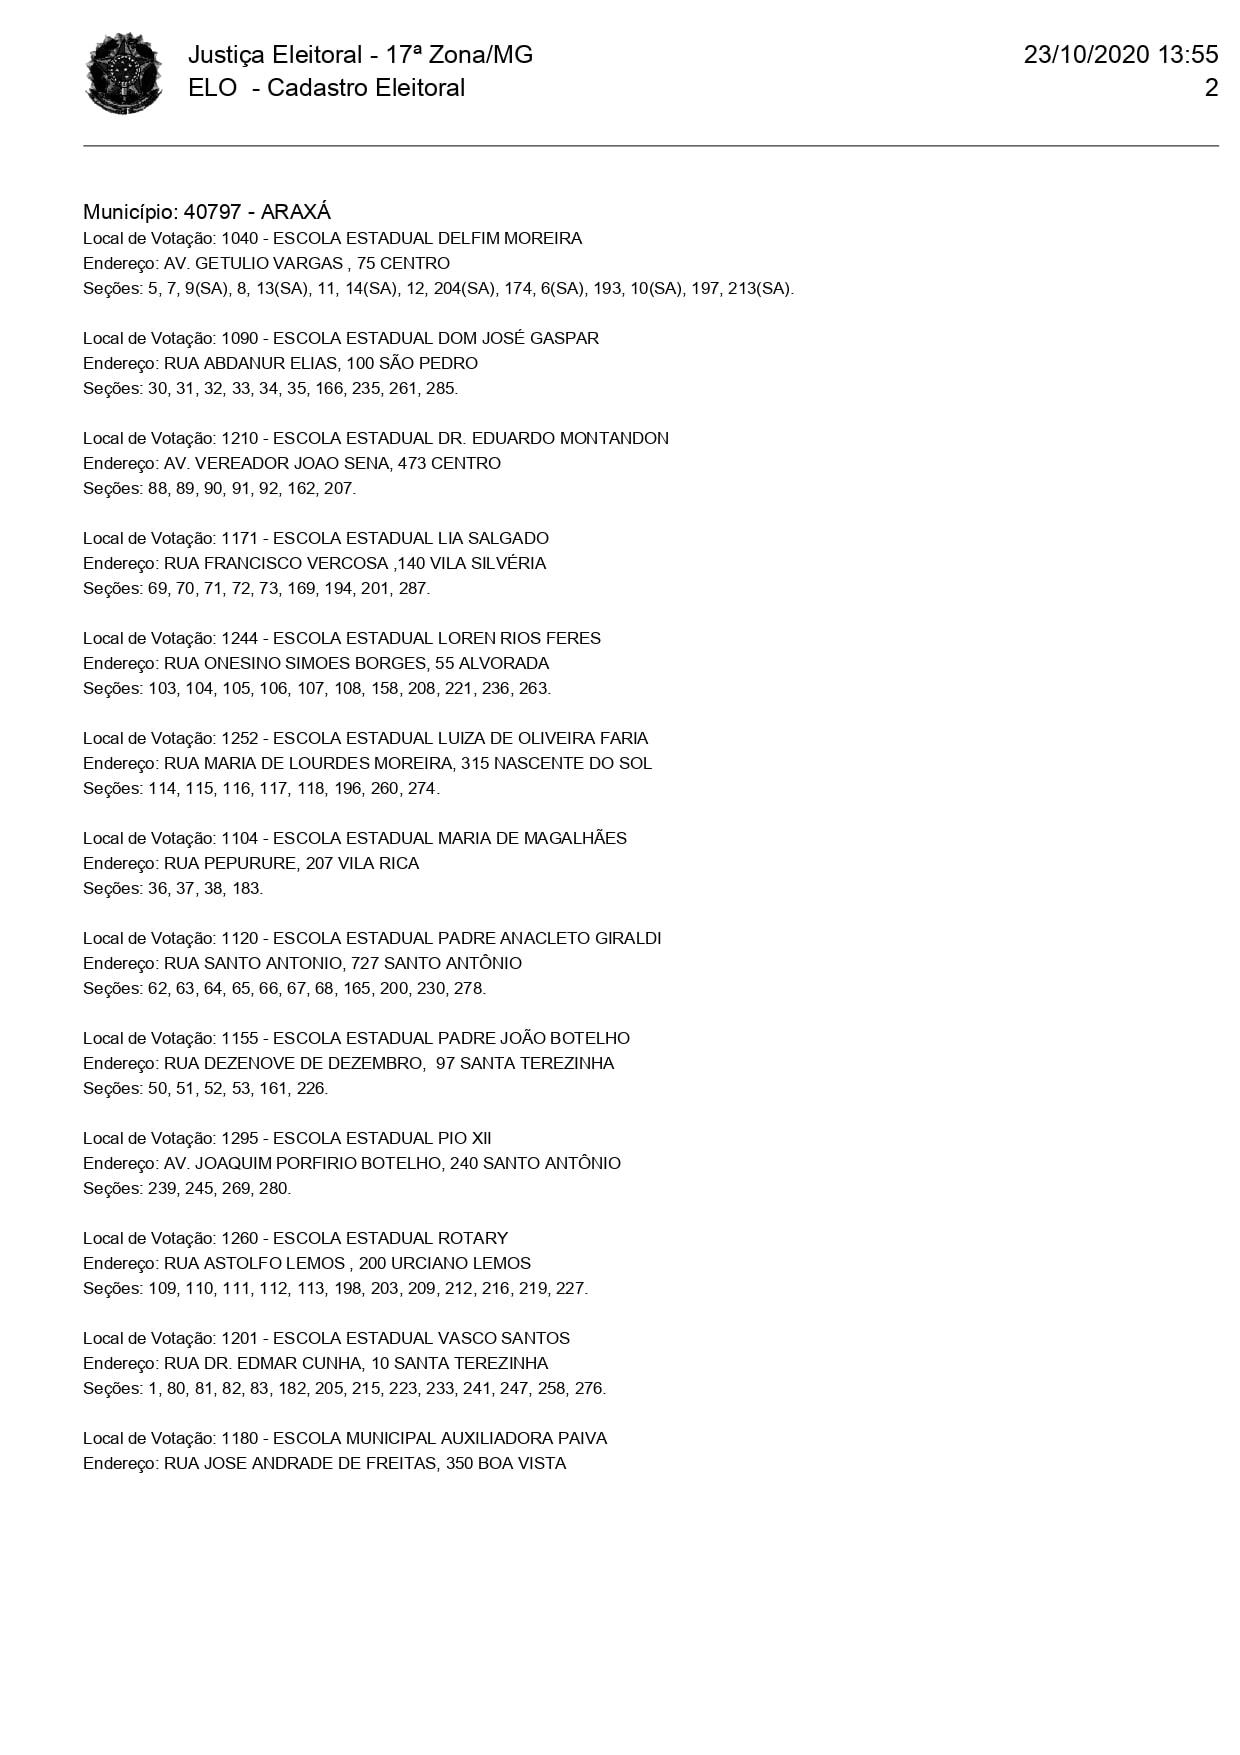 ELEIÇÕES 2020: Confira os locais de votação em Araxá 2